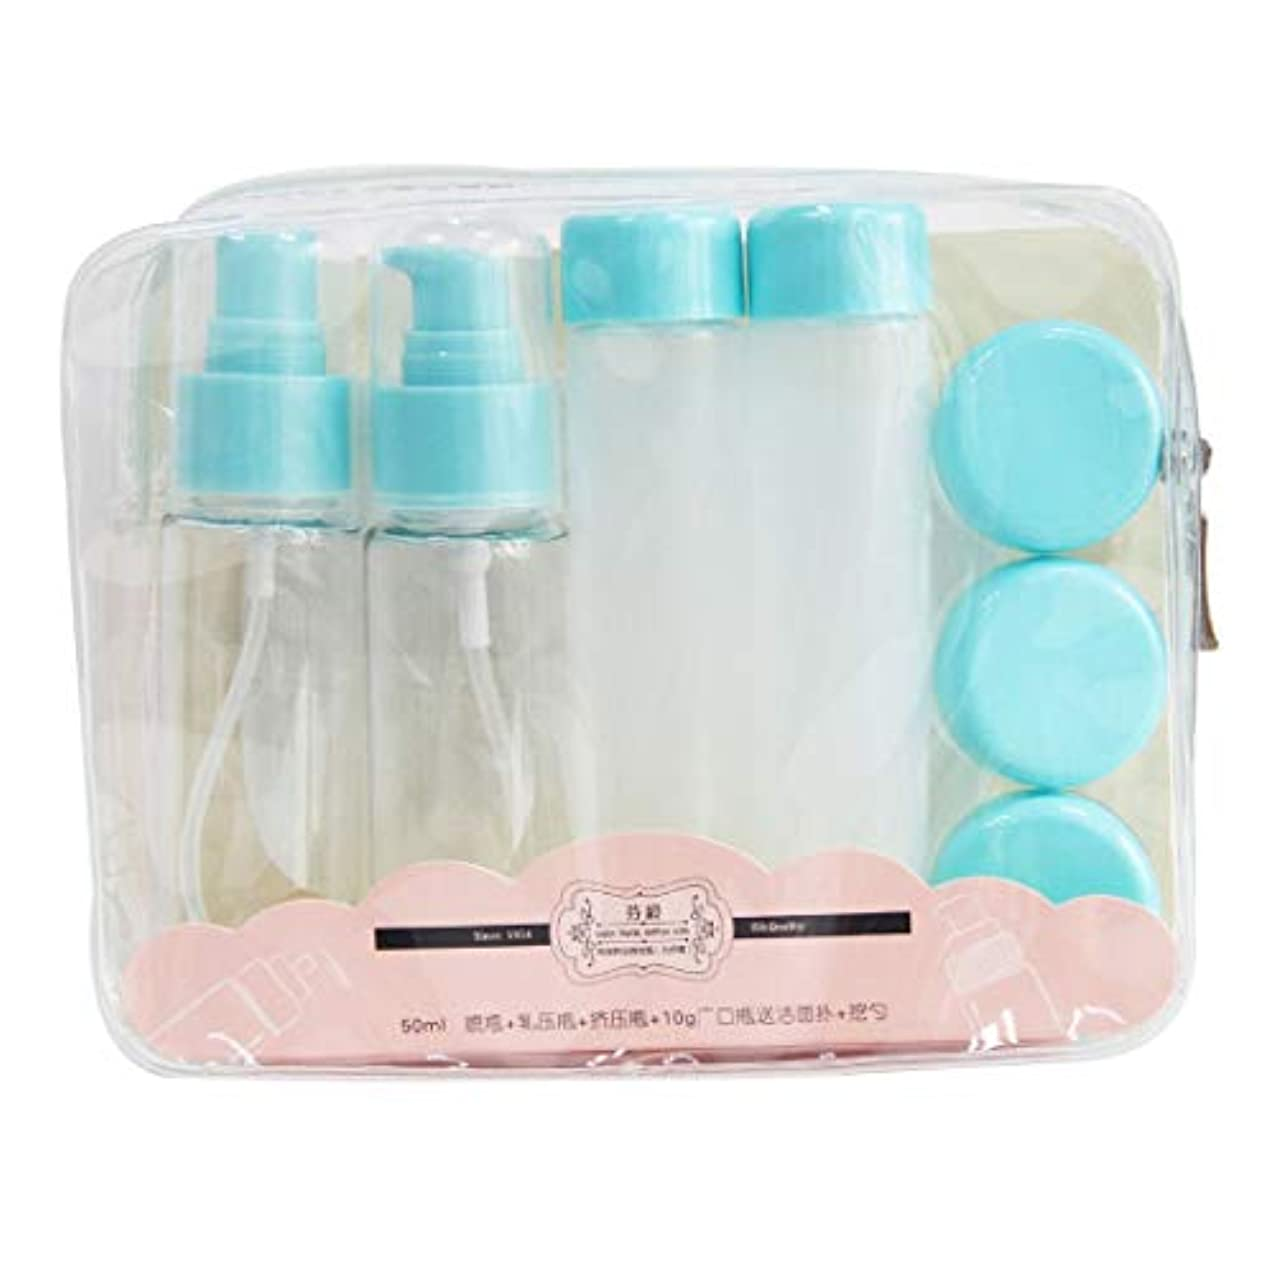 電気陽性ヶ月目鋸歯状MEI1JIA QUELLIA F3766旅行サブパッケージ化粧品ボトルキット(ピンク) (色 : Blue)